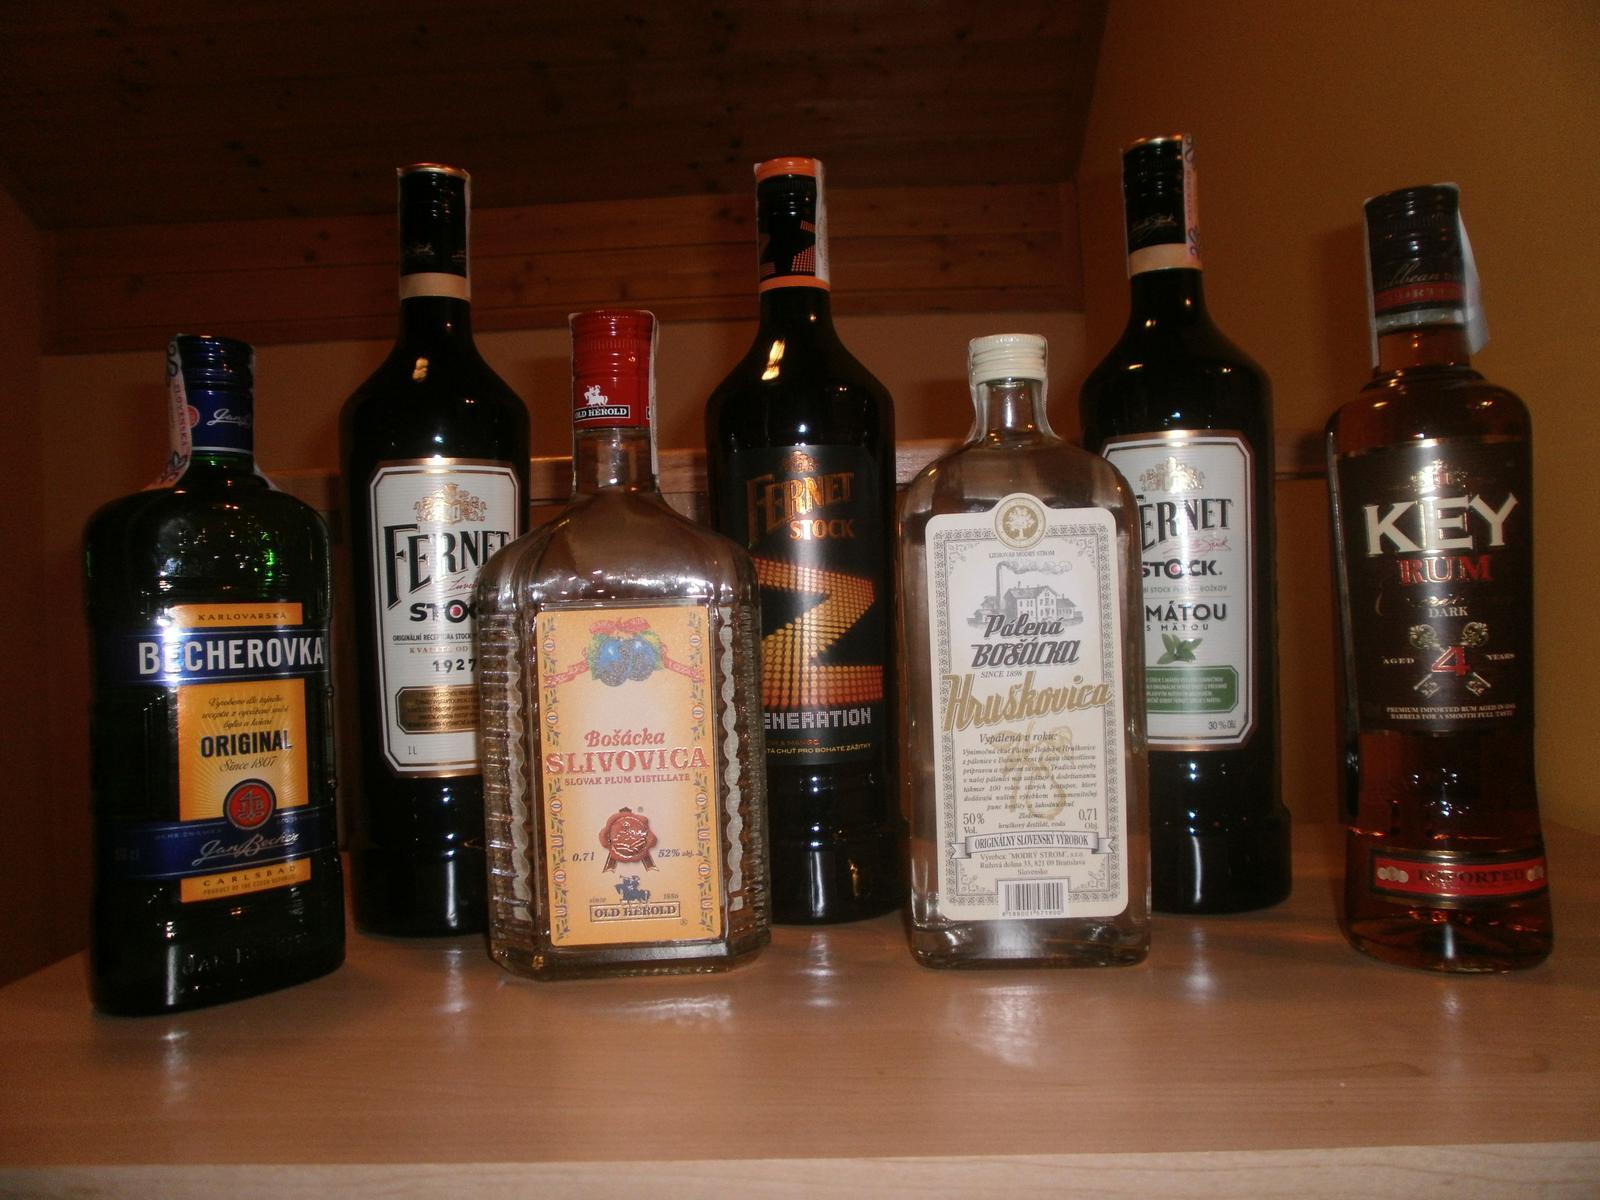 Čo už máme - cca kompletne alkoholove zlozenie :)